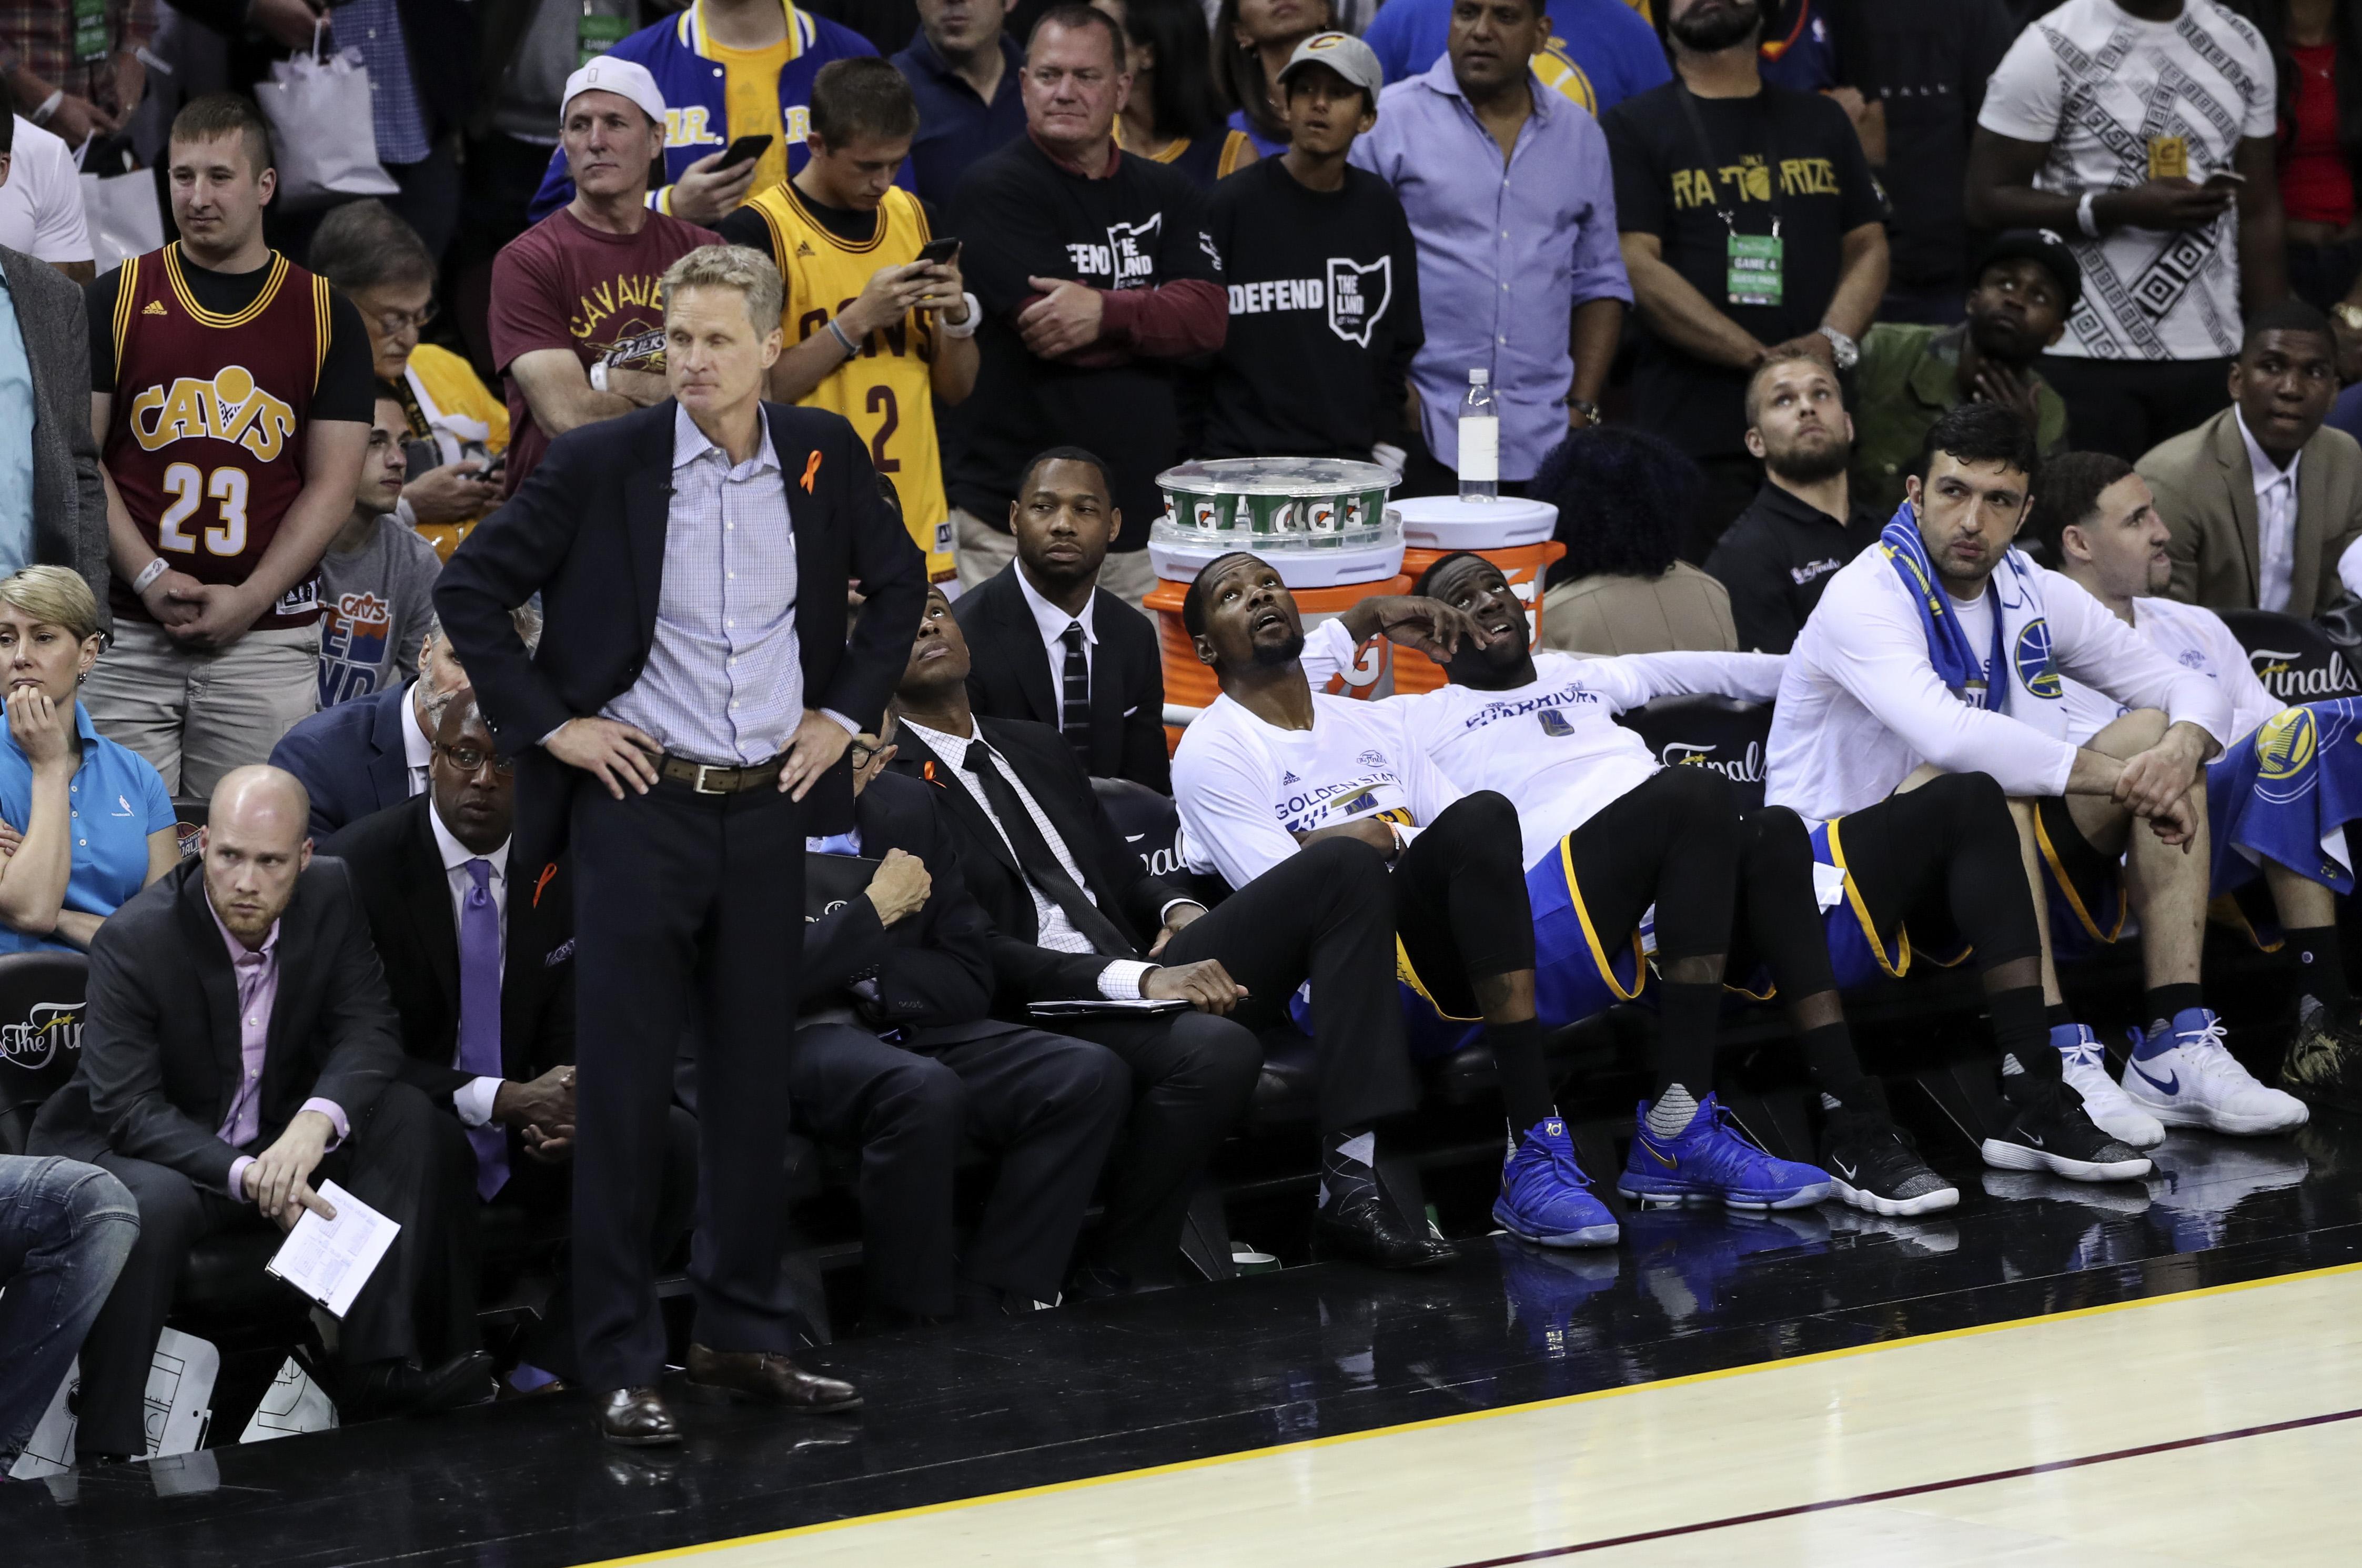 6月9日,在2016-2017赛季NBA总决赛第四场比赛中,克利夫兰骑士队主场以137比116战胜金州勇士队,从而以1比3的总比分暂时落后。 6月9日,骑士队球员詹姆斯(右)在比赛中投篮。新华社记者王迎摄6月9日, 骑士队球员德隆威廉姆斯(左)在勇士队球员肖恩利文斯顿的防守下上篮。新华社记者王迎摄6月9日,骑士队球员詹姆斯(右)在比赛中突破勇士队球员韦斯特的防守。新华社记者王迎摄6月9日,勇士队球员杜兰特(左)在比赛中带球突破。新华社记者王迎摄6月9日,勇士队球员库里在比赛中投篮。新华社记者王迎摄6月9